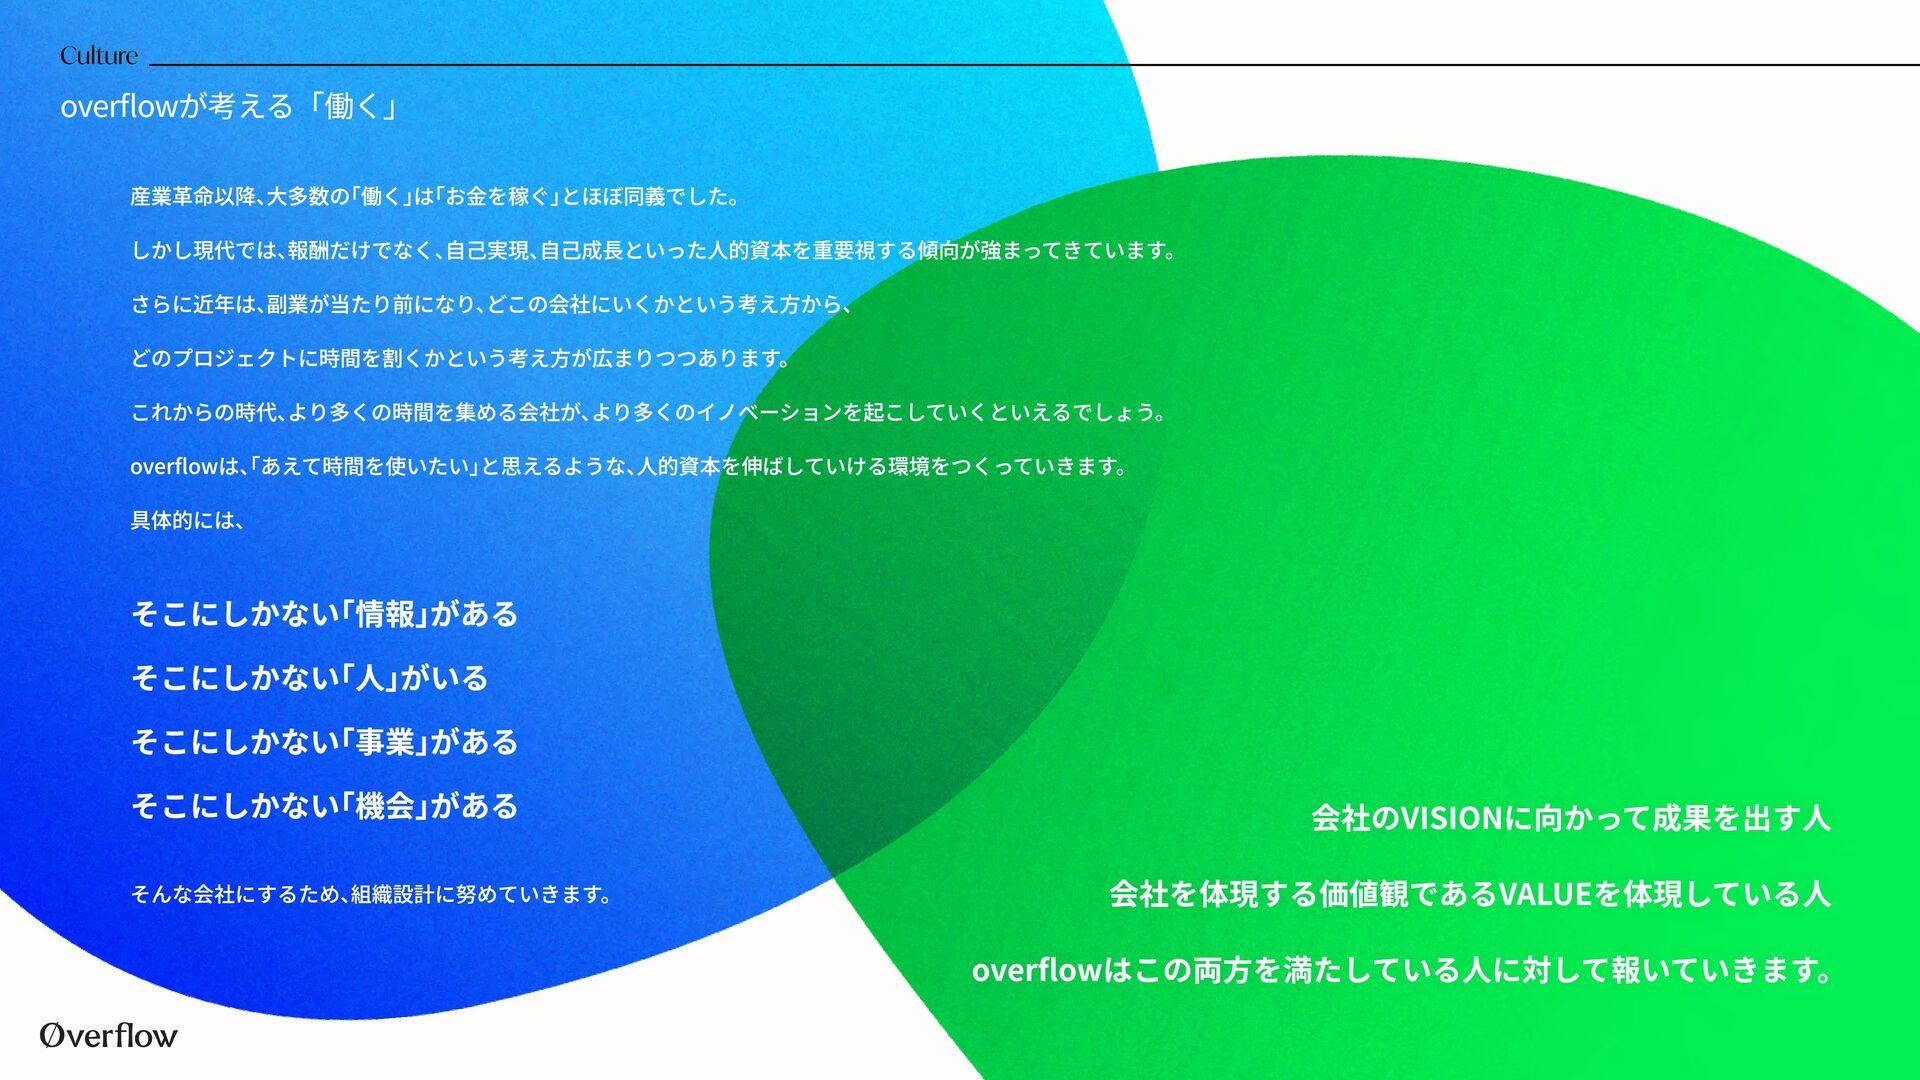 仕事の進め方 - ツール・言語編